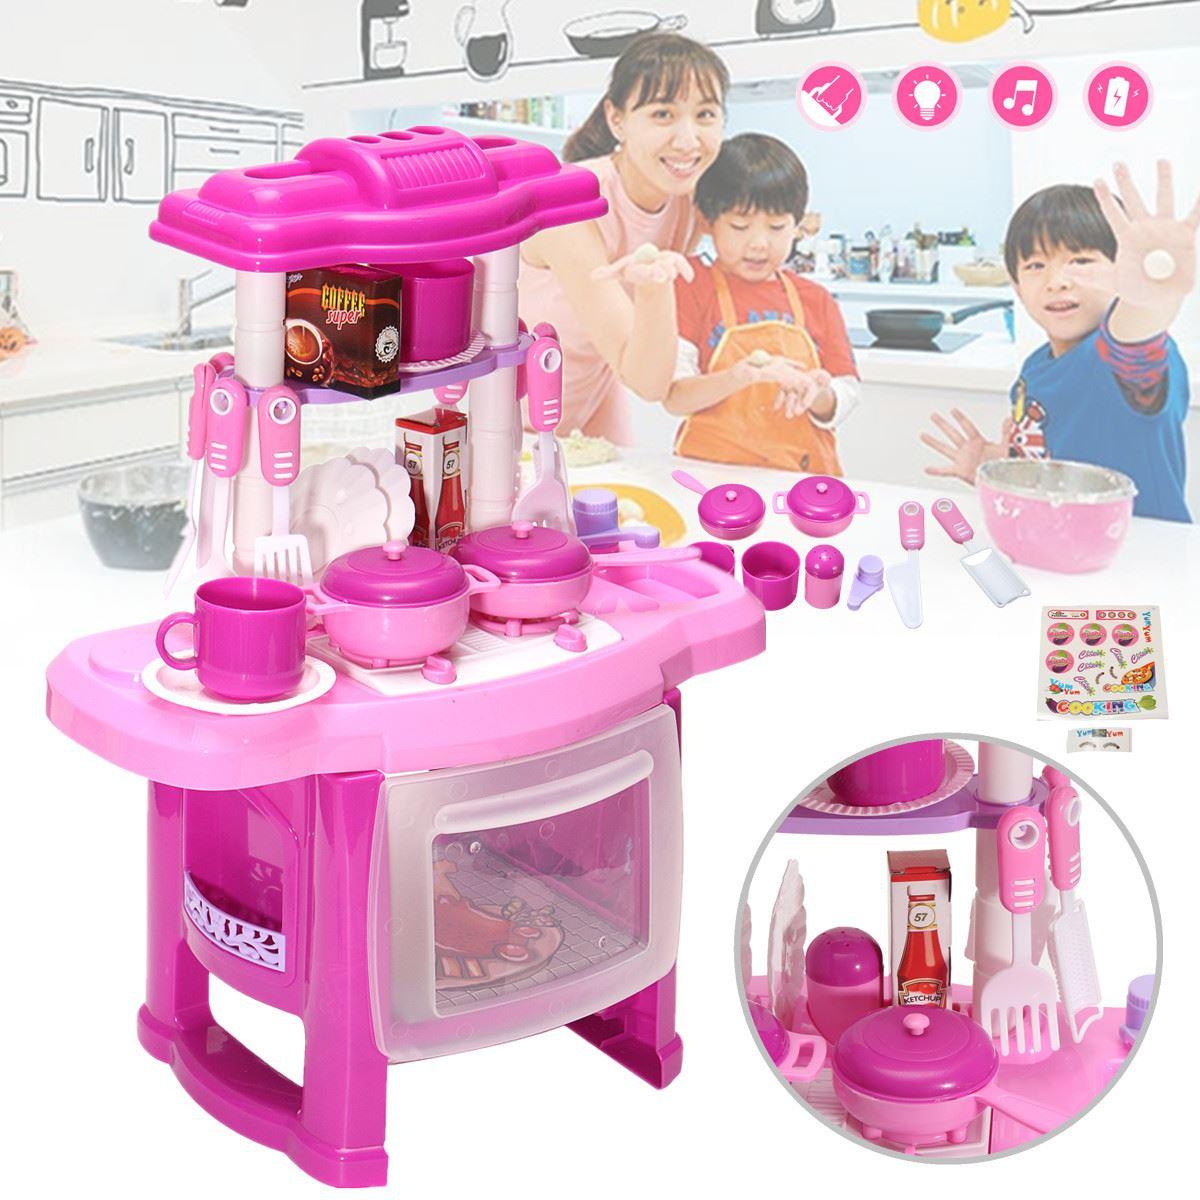 jouet jouer cuisine-achetez des lots à petit prix jouet jouer